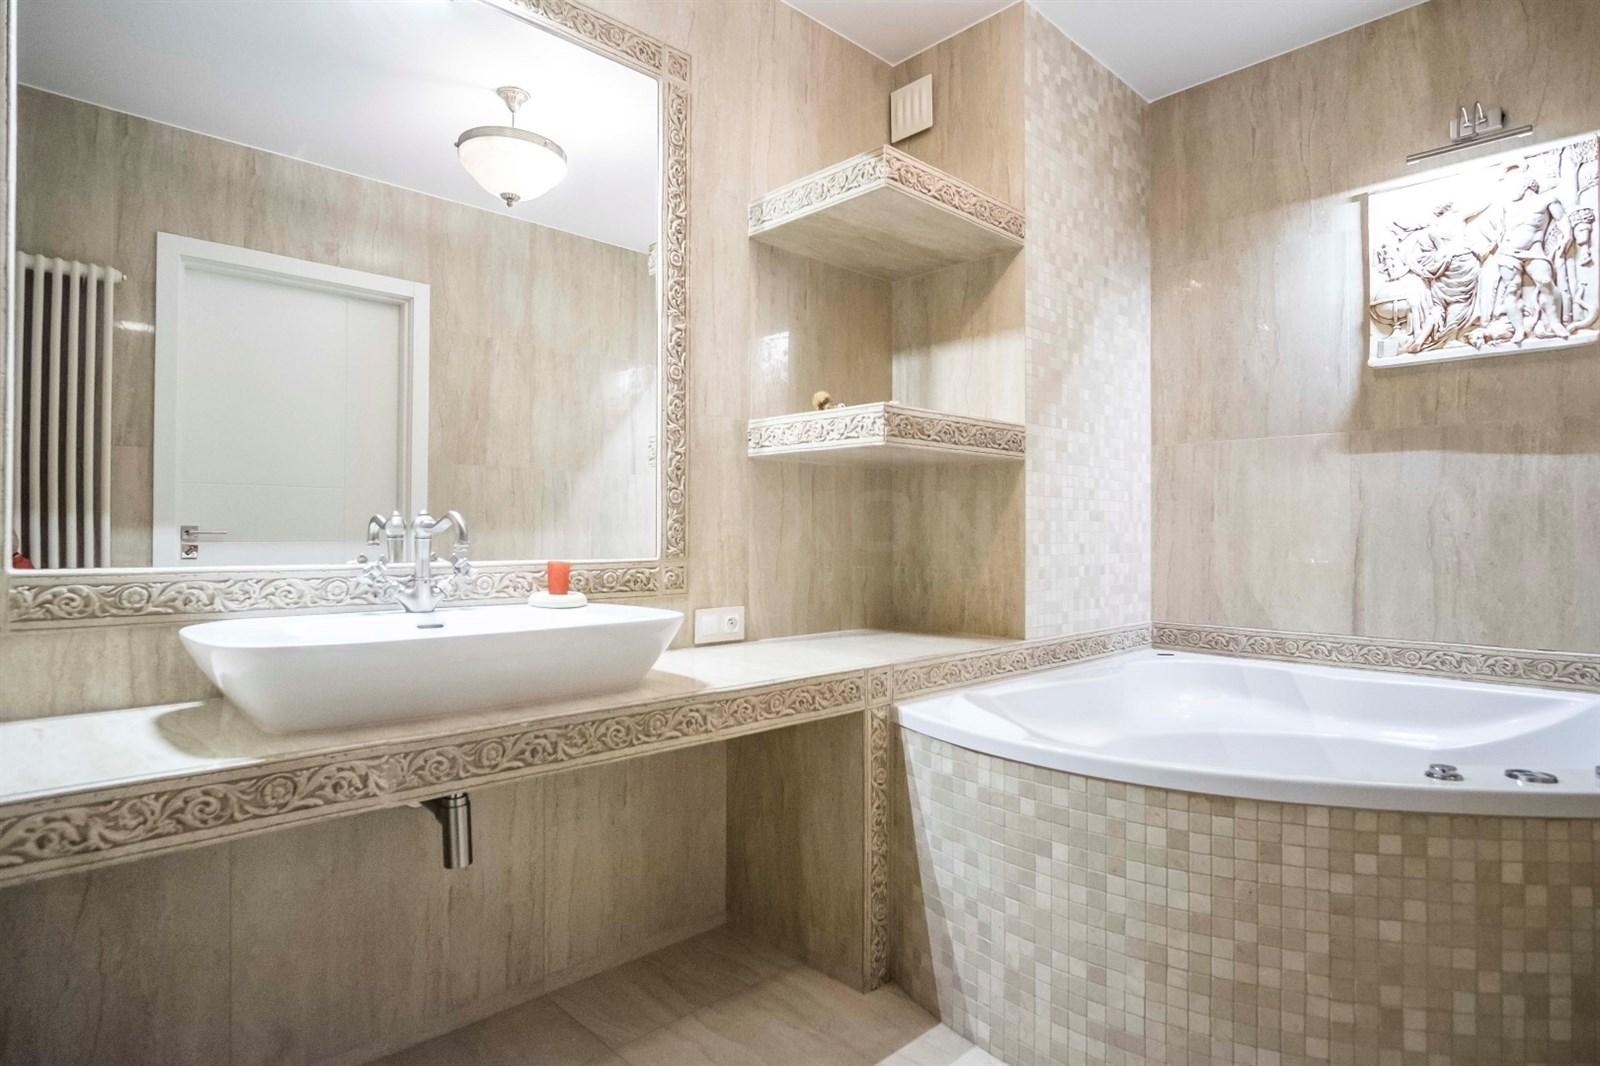 Łazienka - po